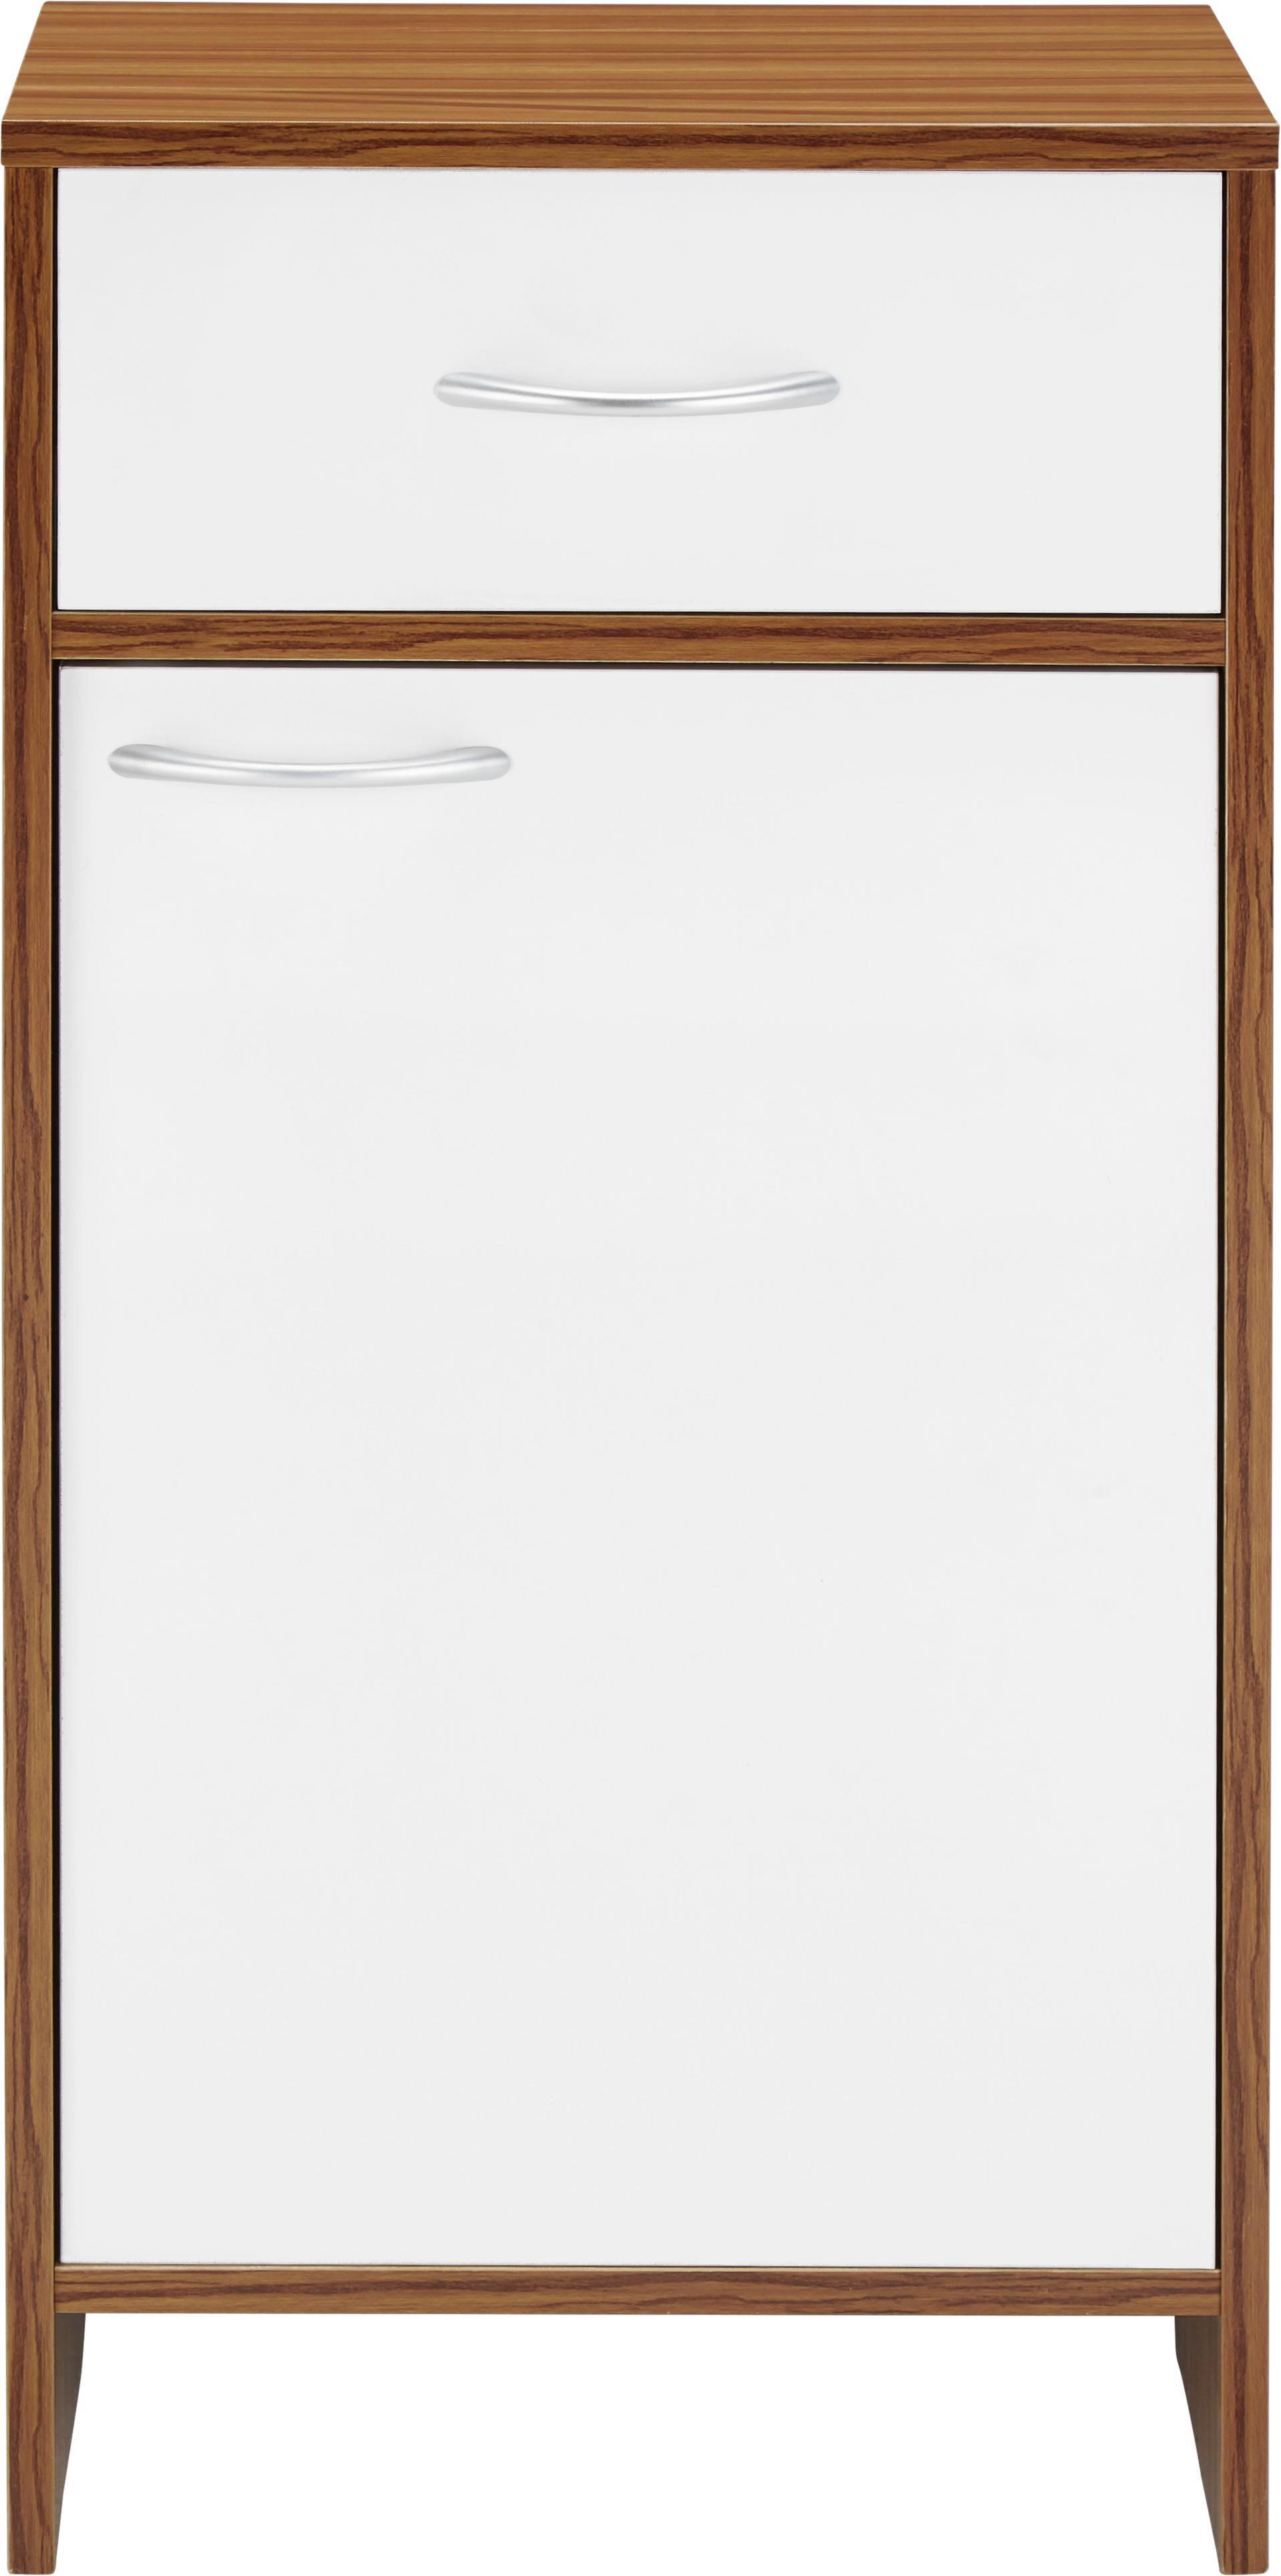 Badezimmerunterschrank Milano - Braun/Weiß, MODERN, Holz/Kunststoff (40/80/30cm) - MÖMAX modern living